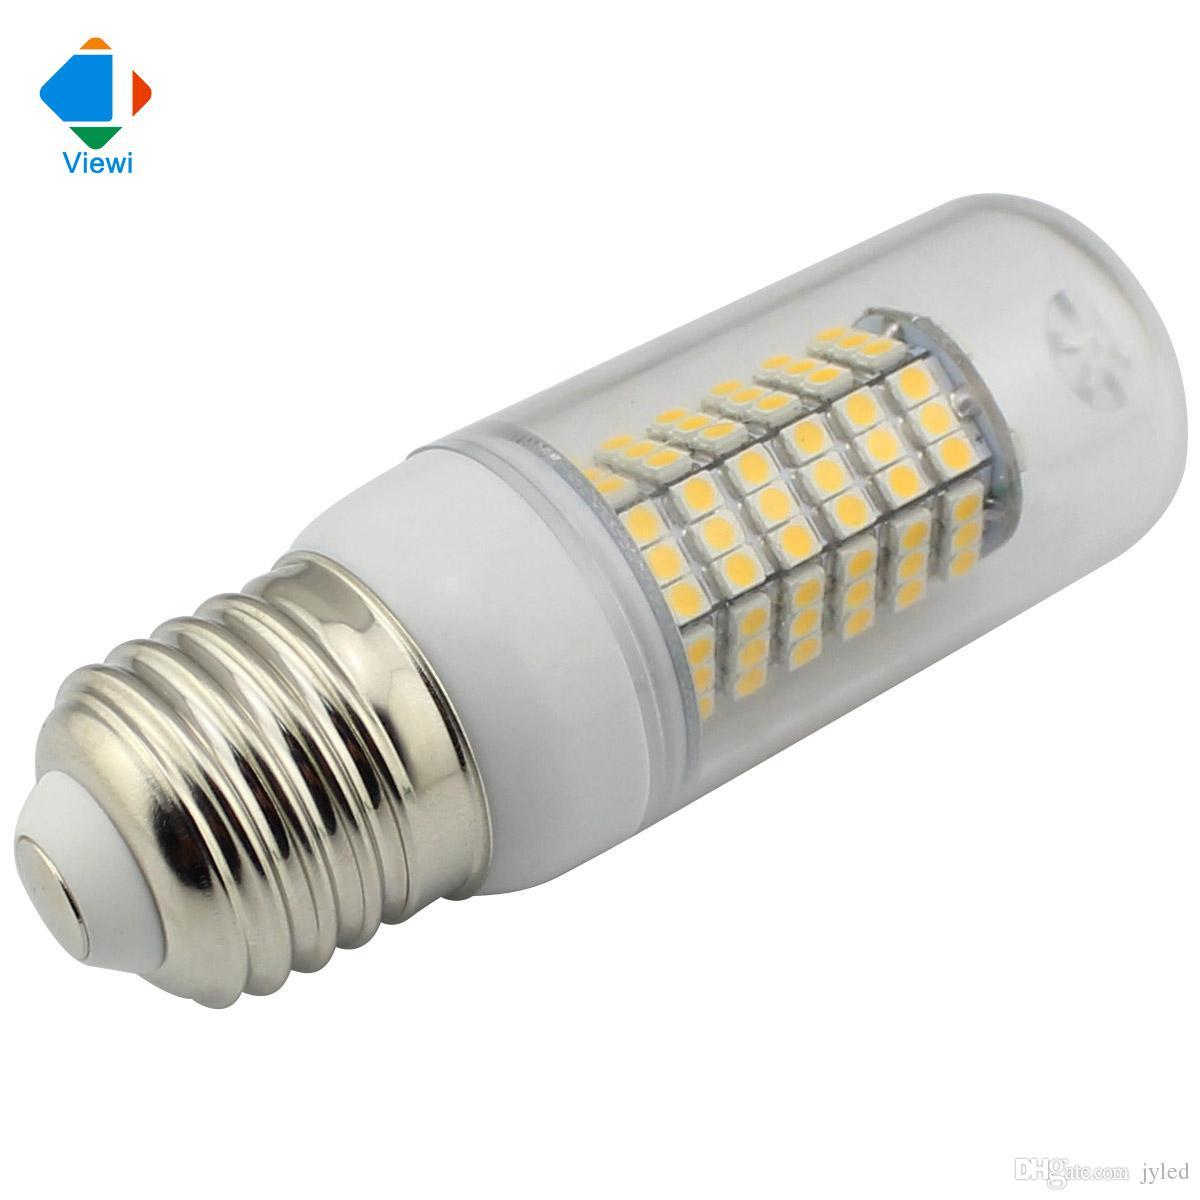 5x lampadine led e14 e27 12 volt 12w bulb lamp smd 3528 for Offerte lampadine a led e 27